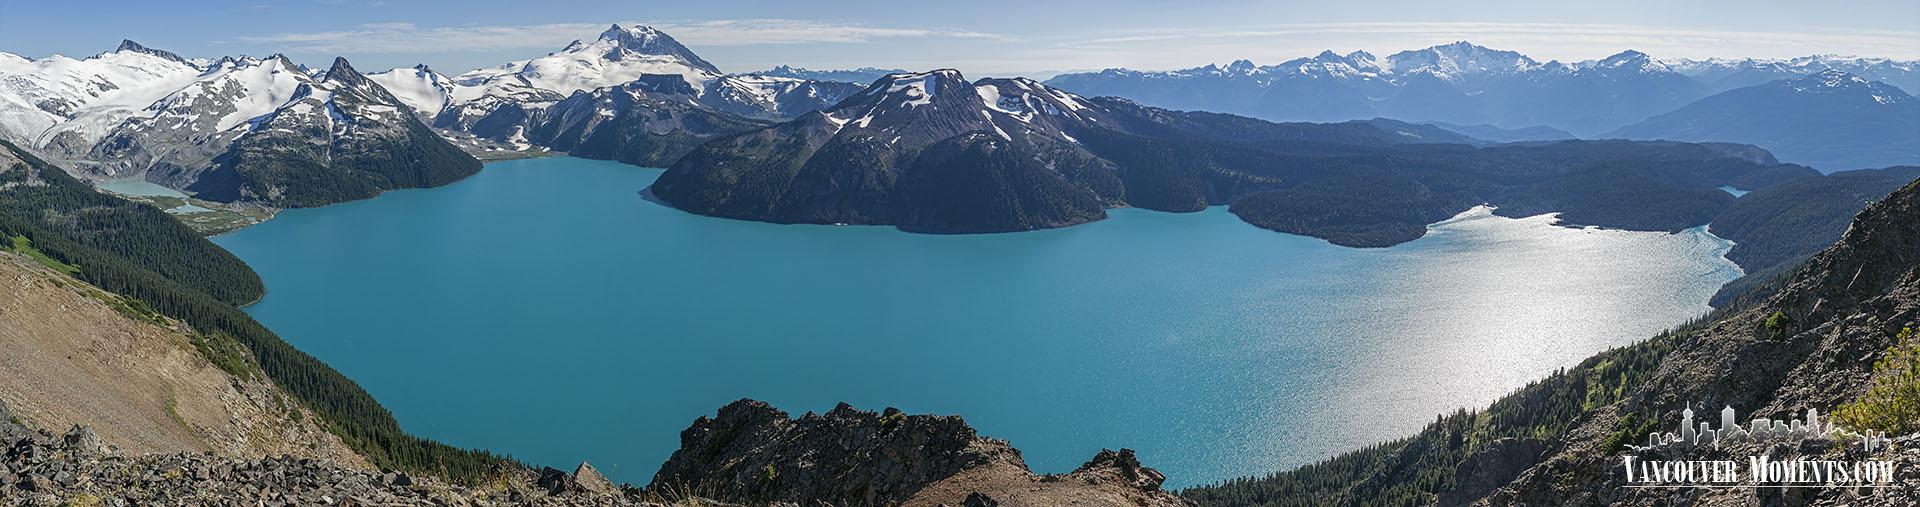 Garibaldi_Lake_GL090A